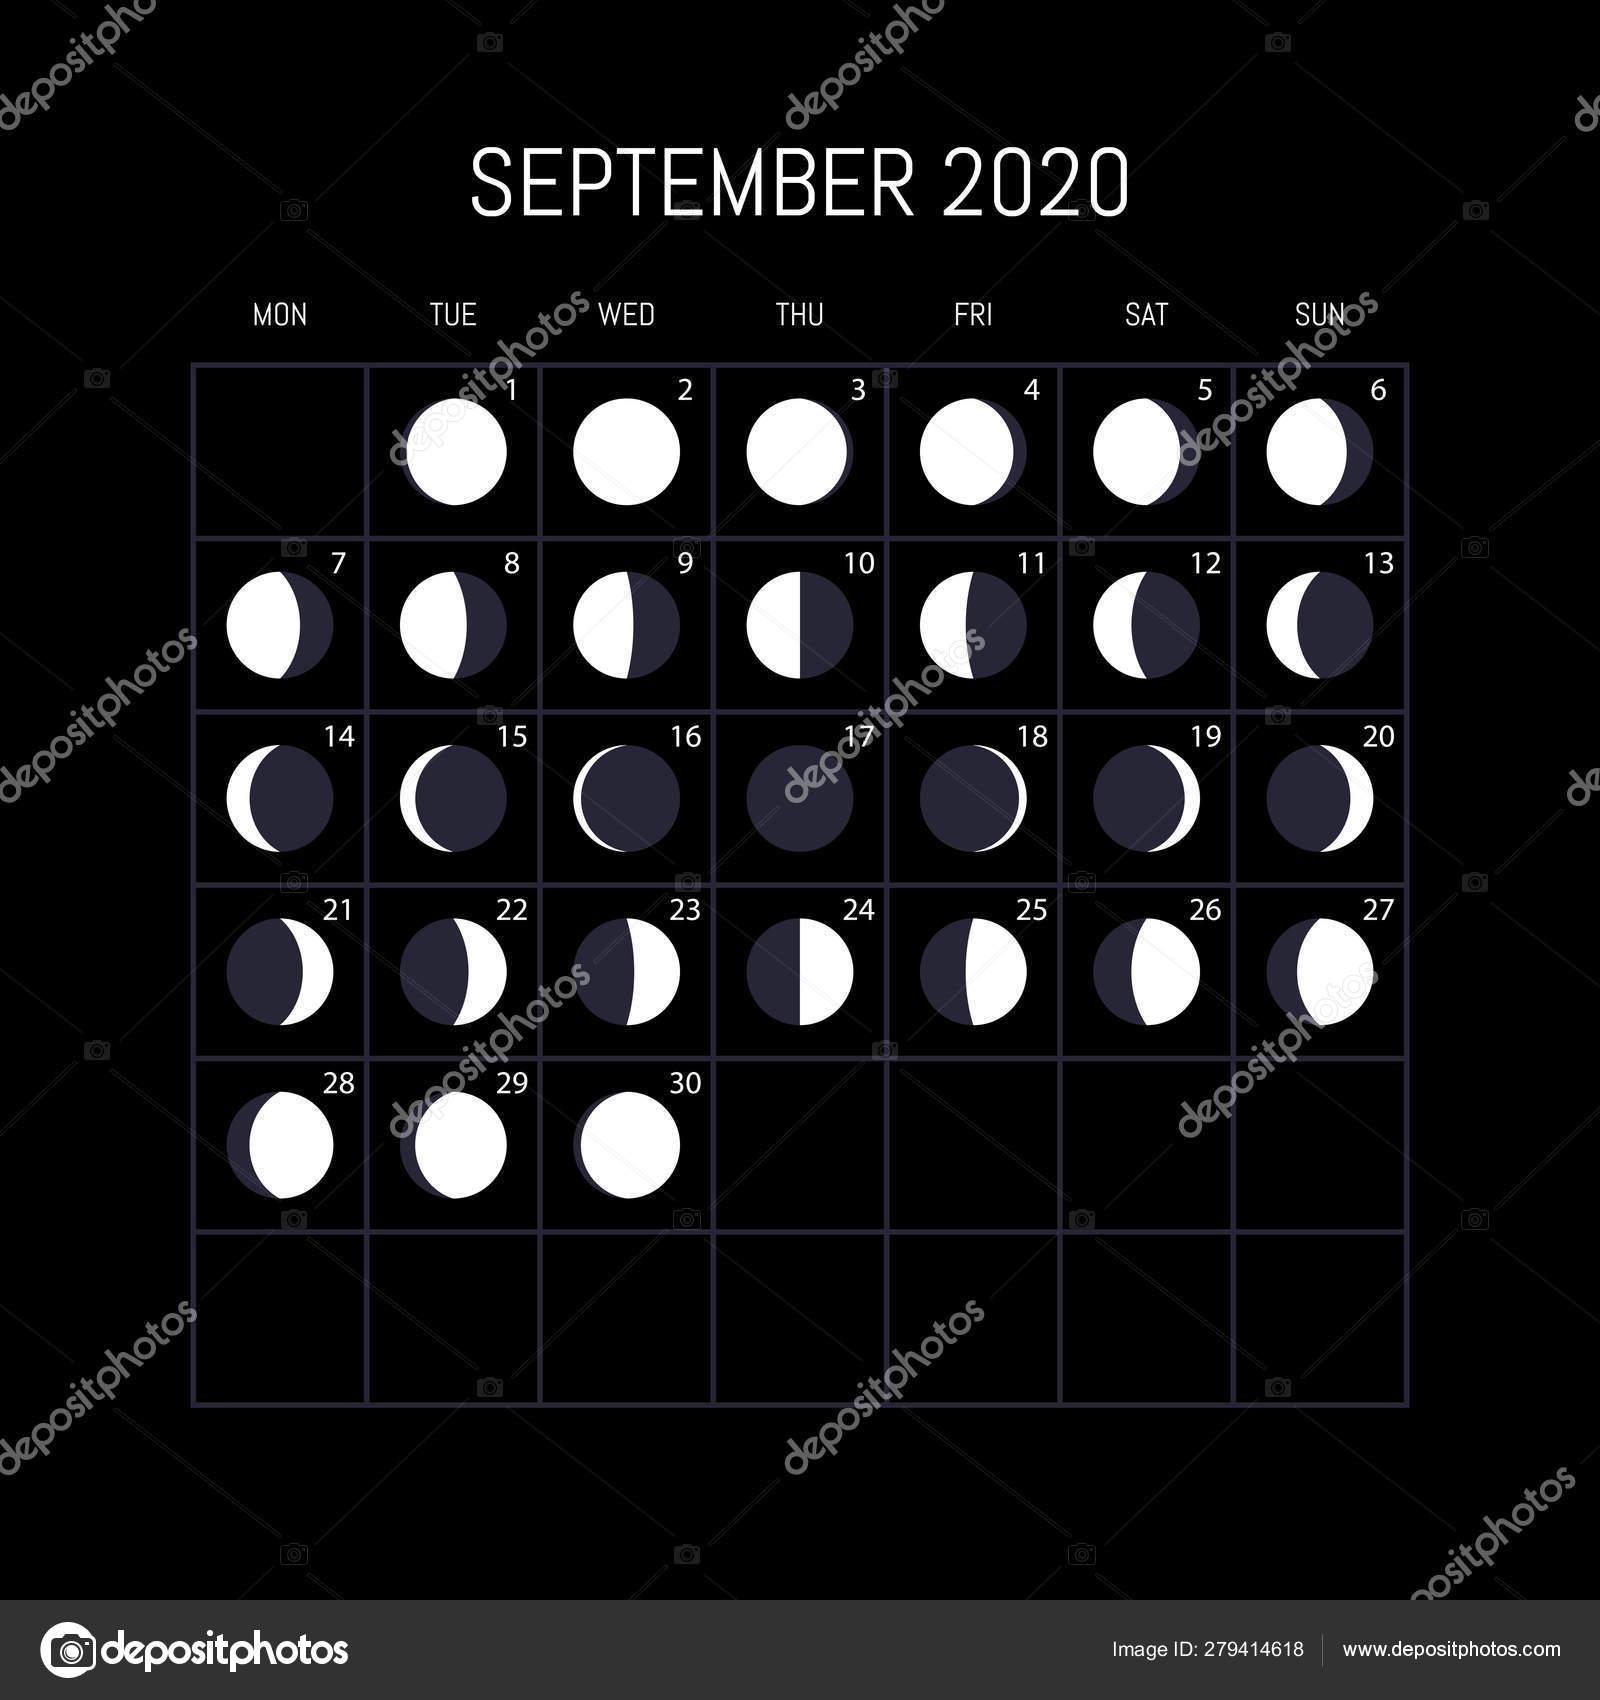 Moon Phases Calendar For 2020 Year. September. Night inside September 2020 Moon Phases Calendar